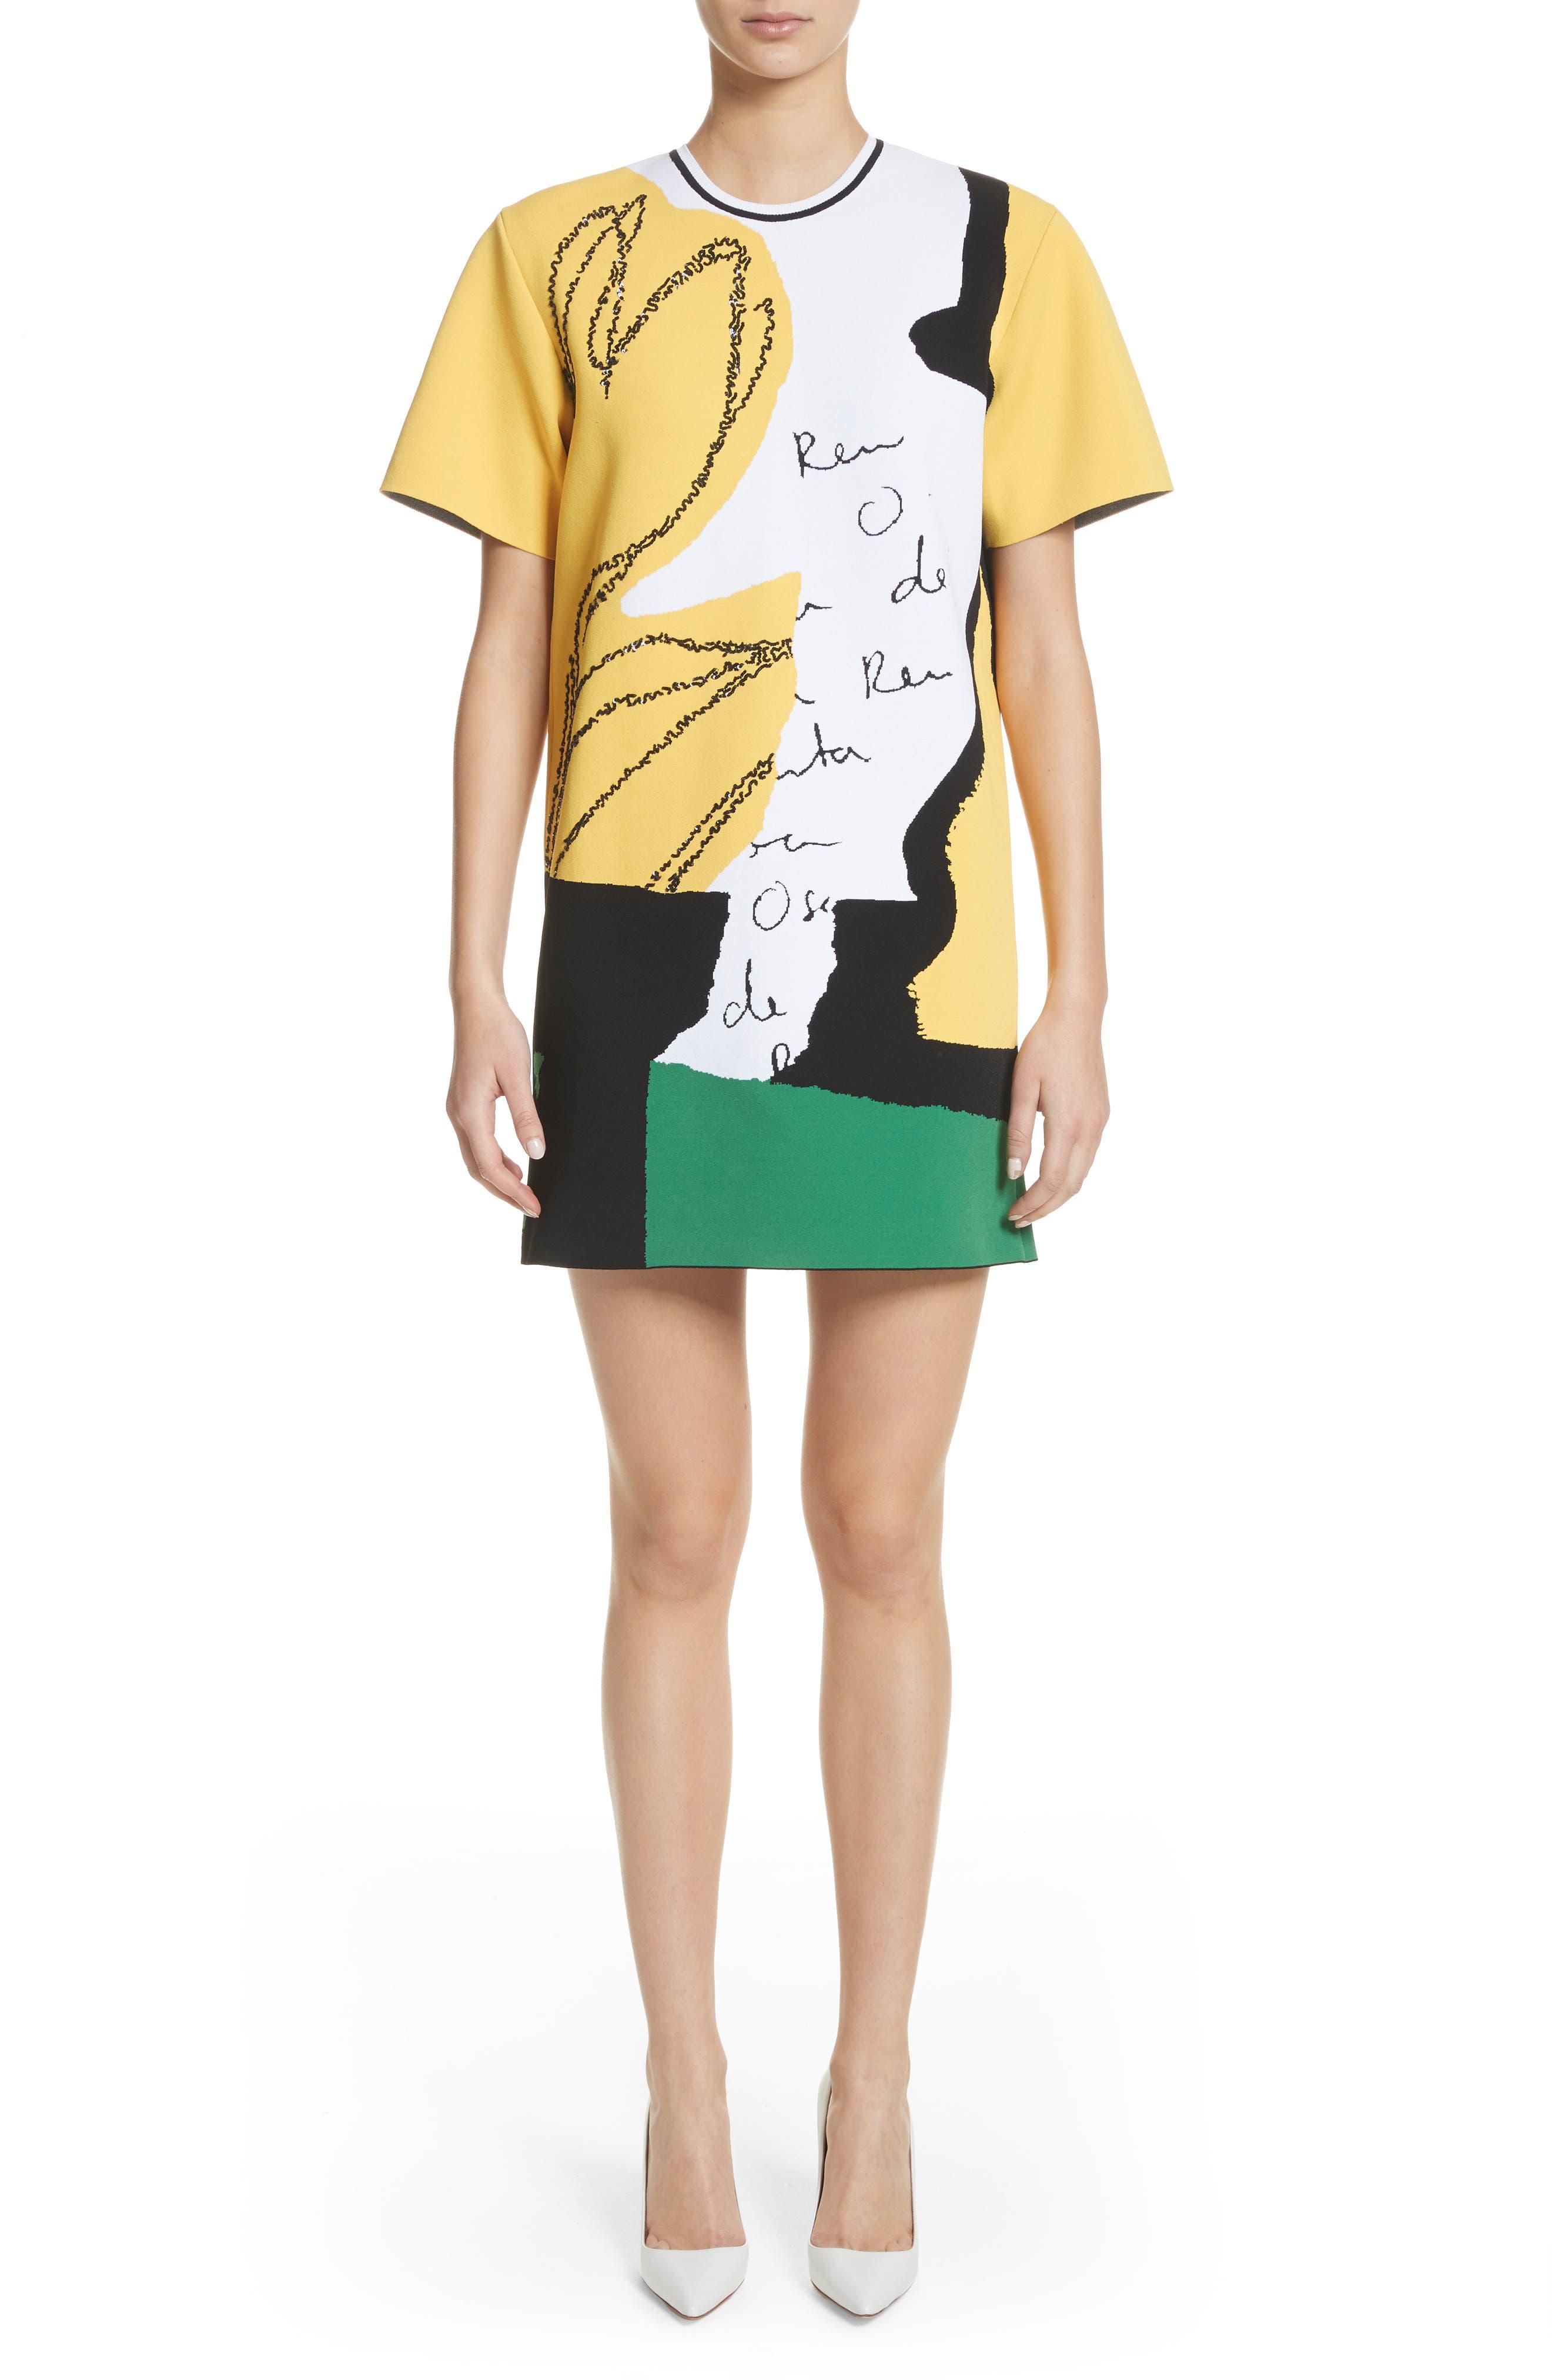 Oscar de la Renta Abstract Intarsia Knit Dress